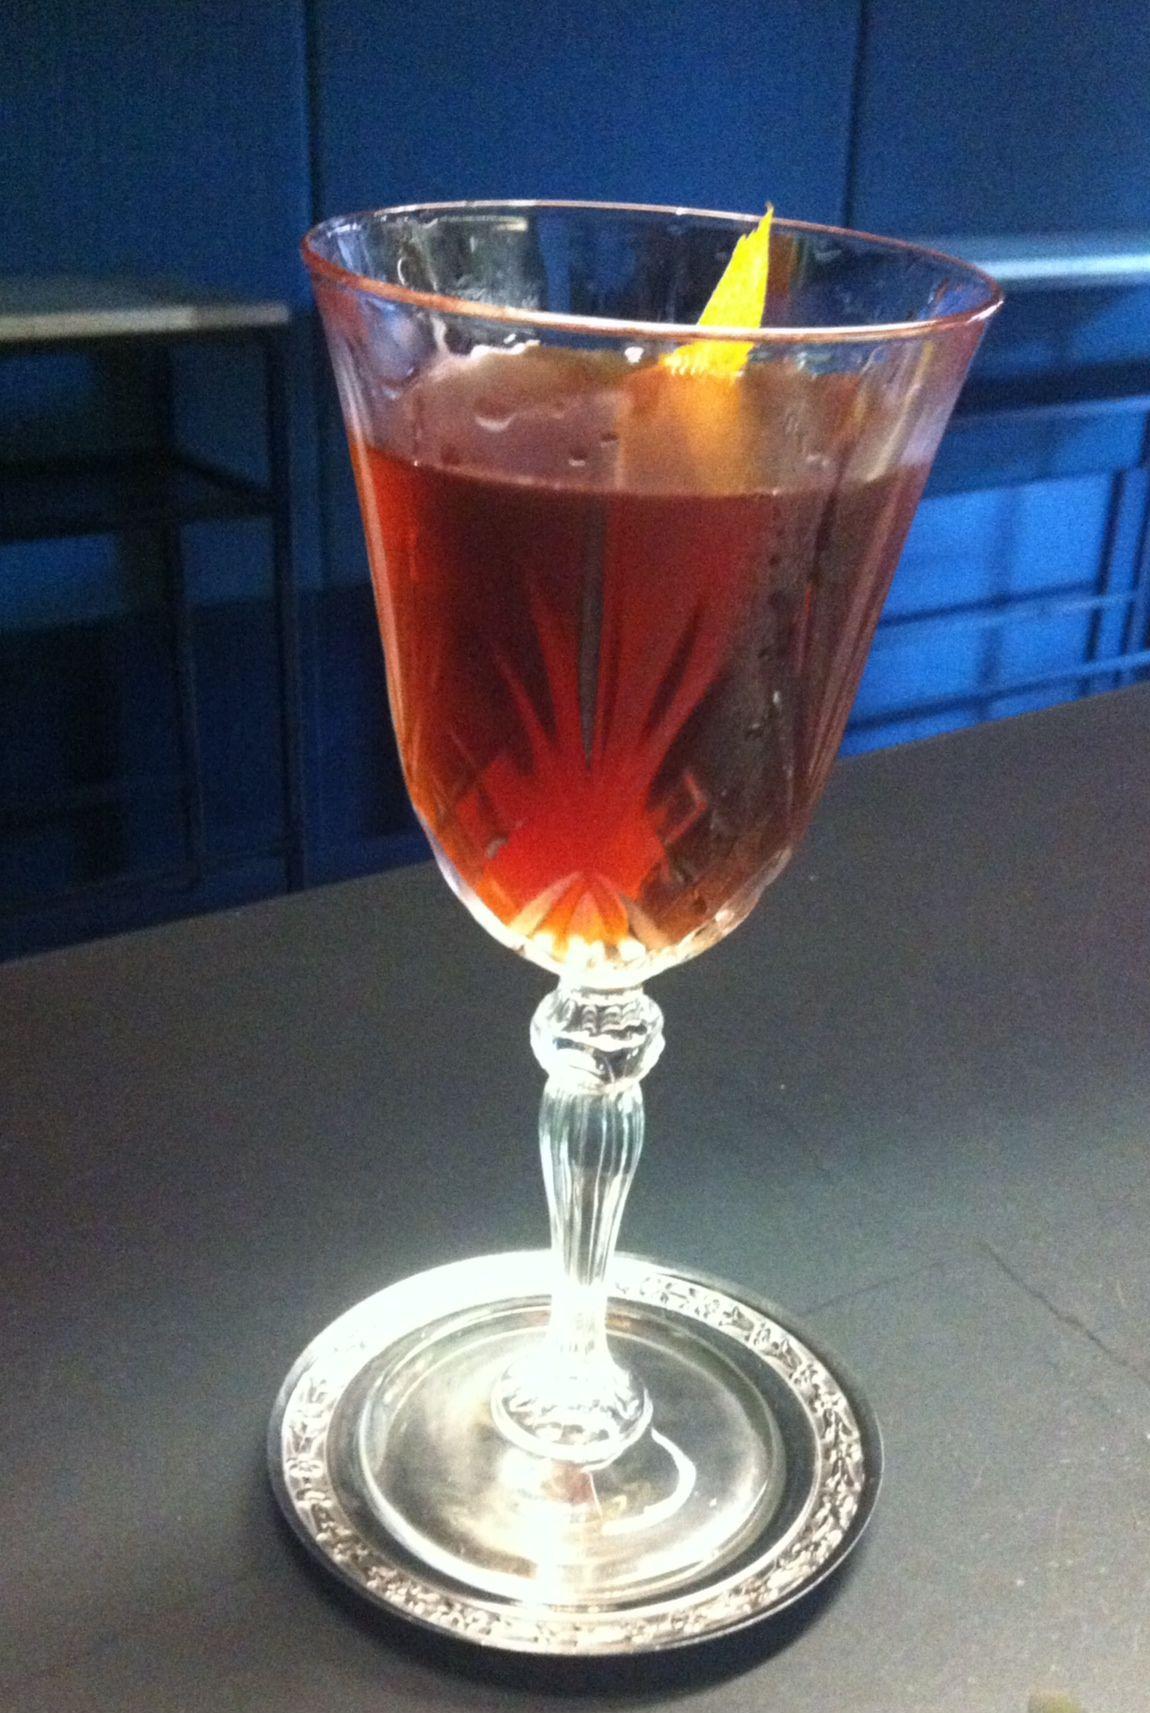 101 Best New Cocktails Negroni Chinato By Matteo Schianchi Prospero Reggio Emilia Italy